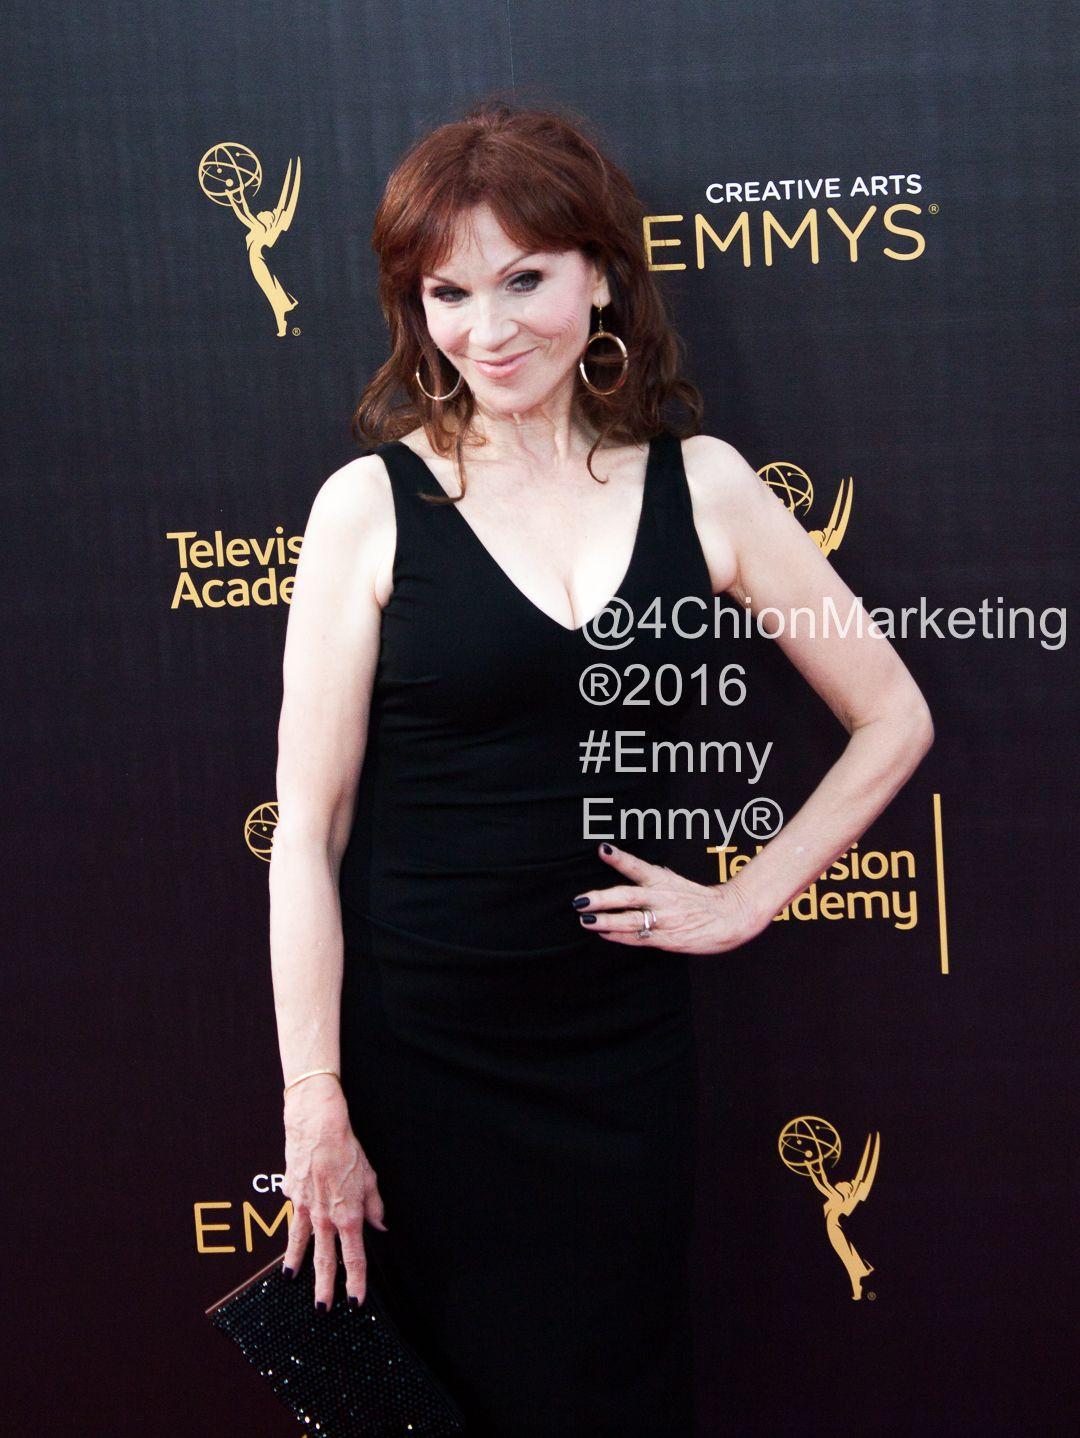 #Emmy Red Carpet  #Emmy2016 #EmmyArts #4ChionEmmys #RedCarpet #MariluHenner #DWTS #dwts23